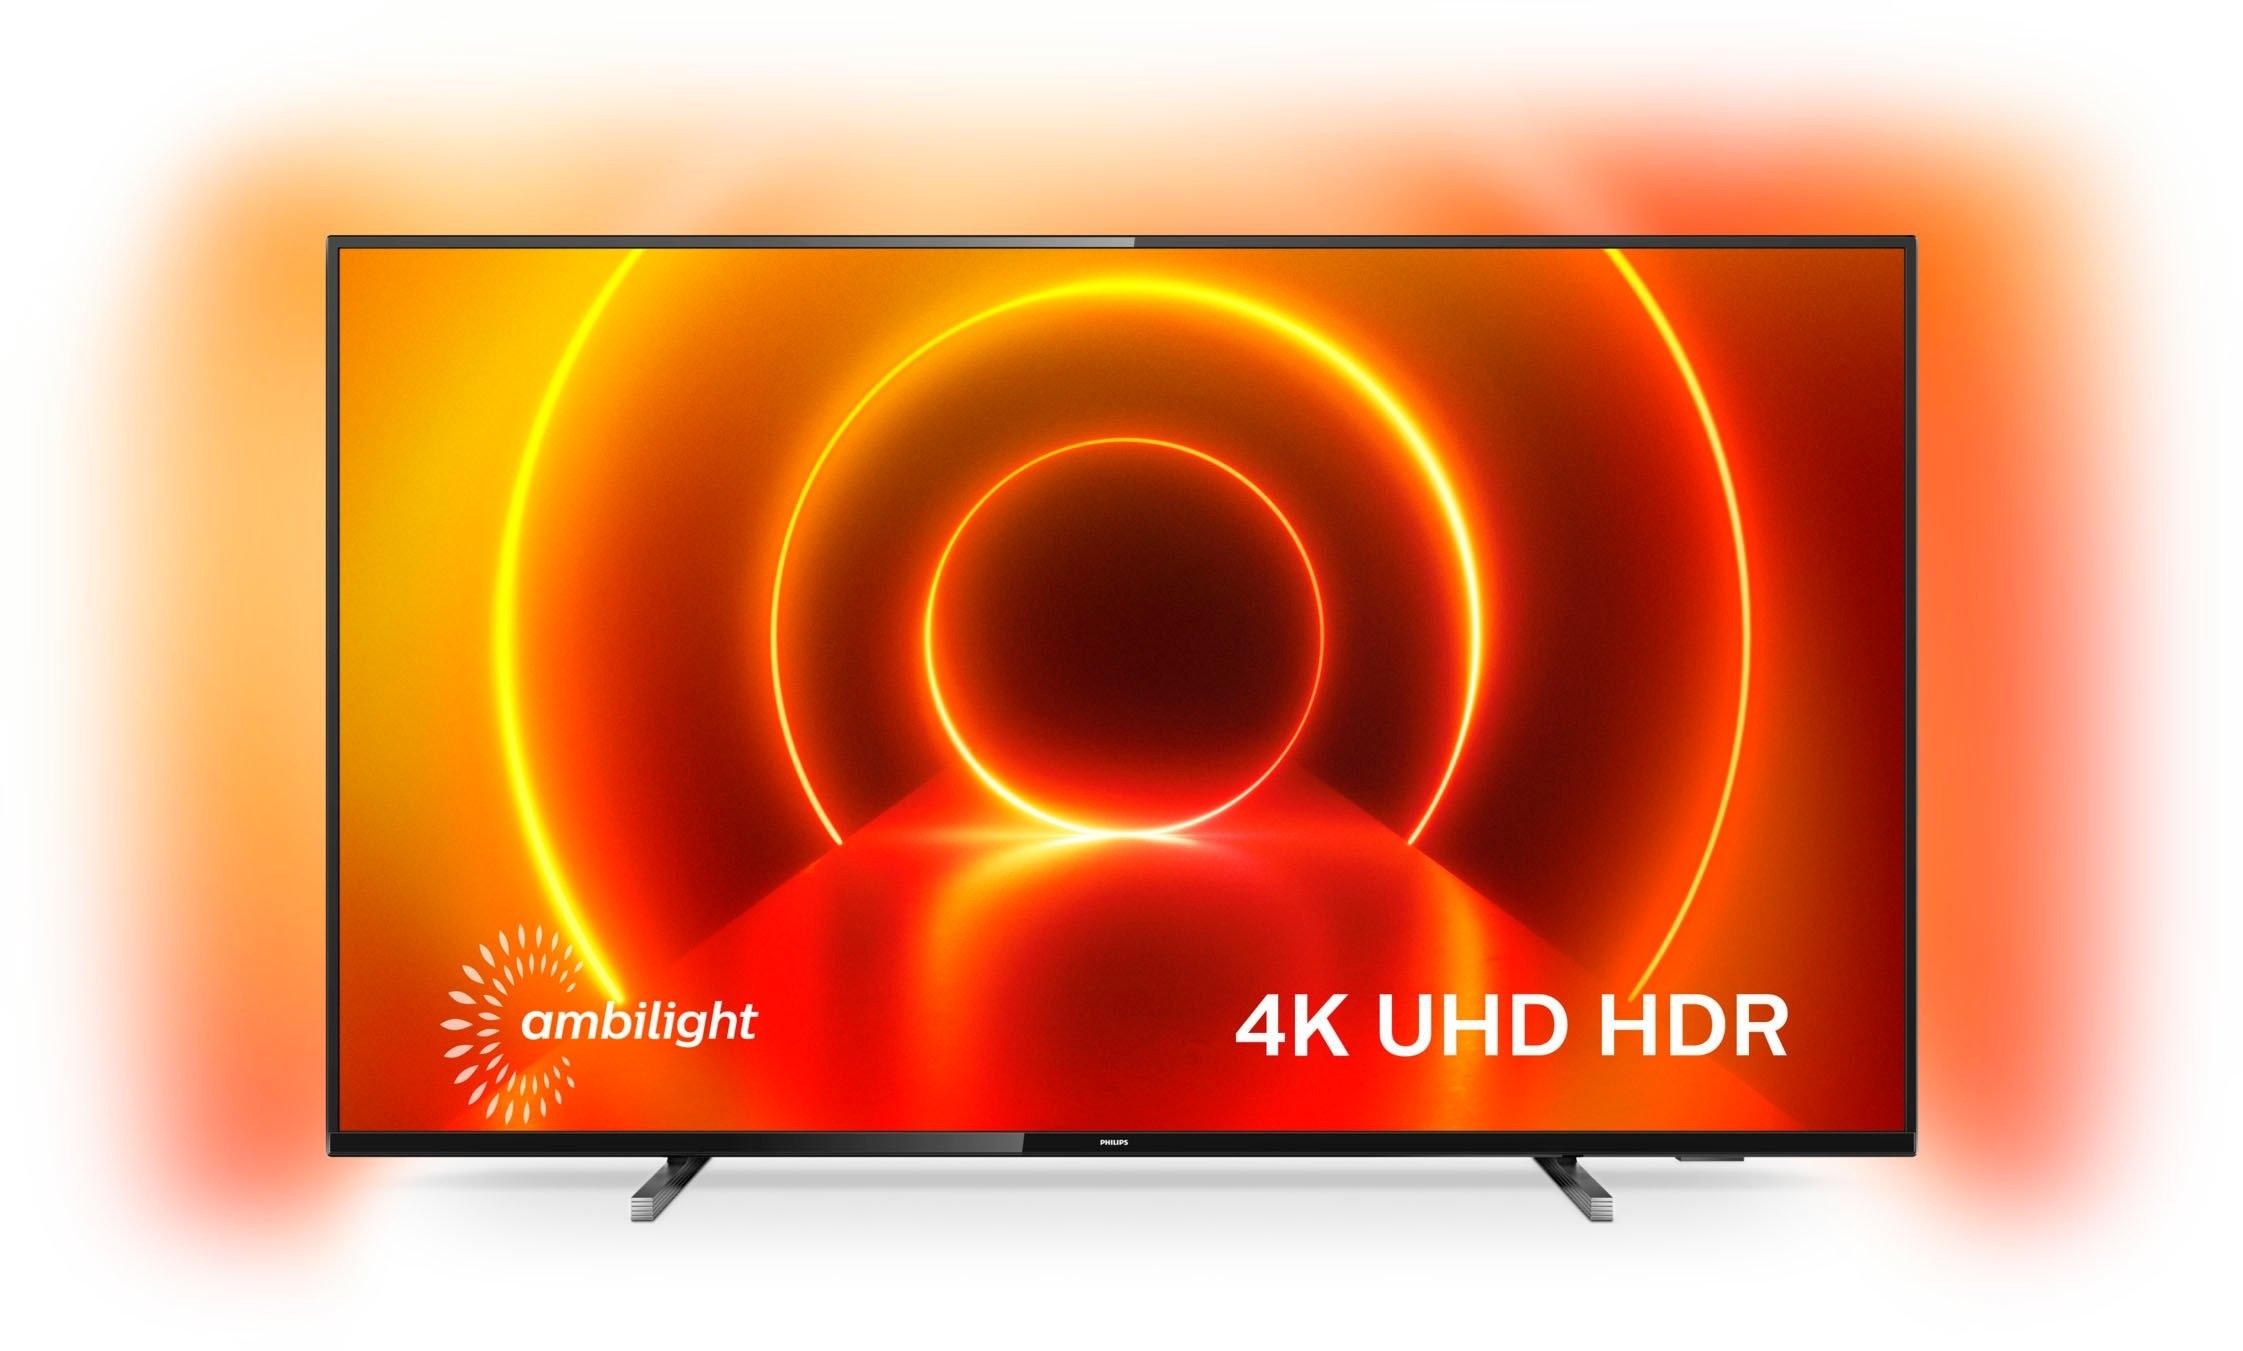 Philips »50PUS7805« LED-TV bestellen: 30 dagen bedenktijd